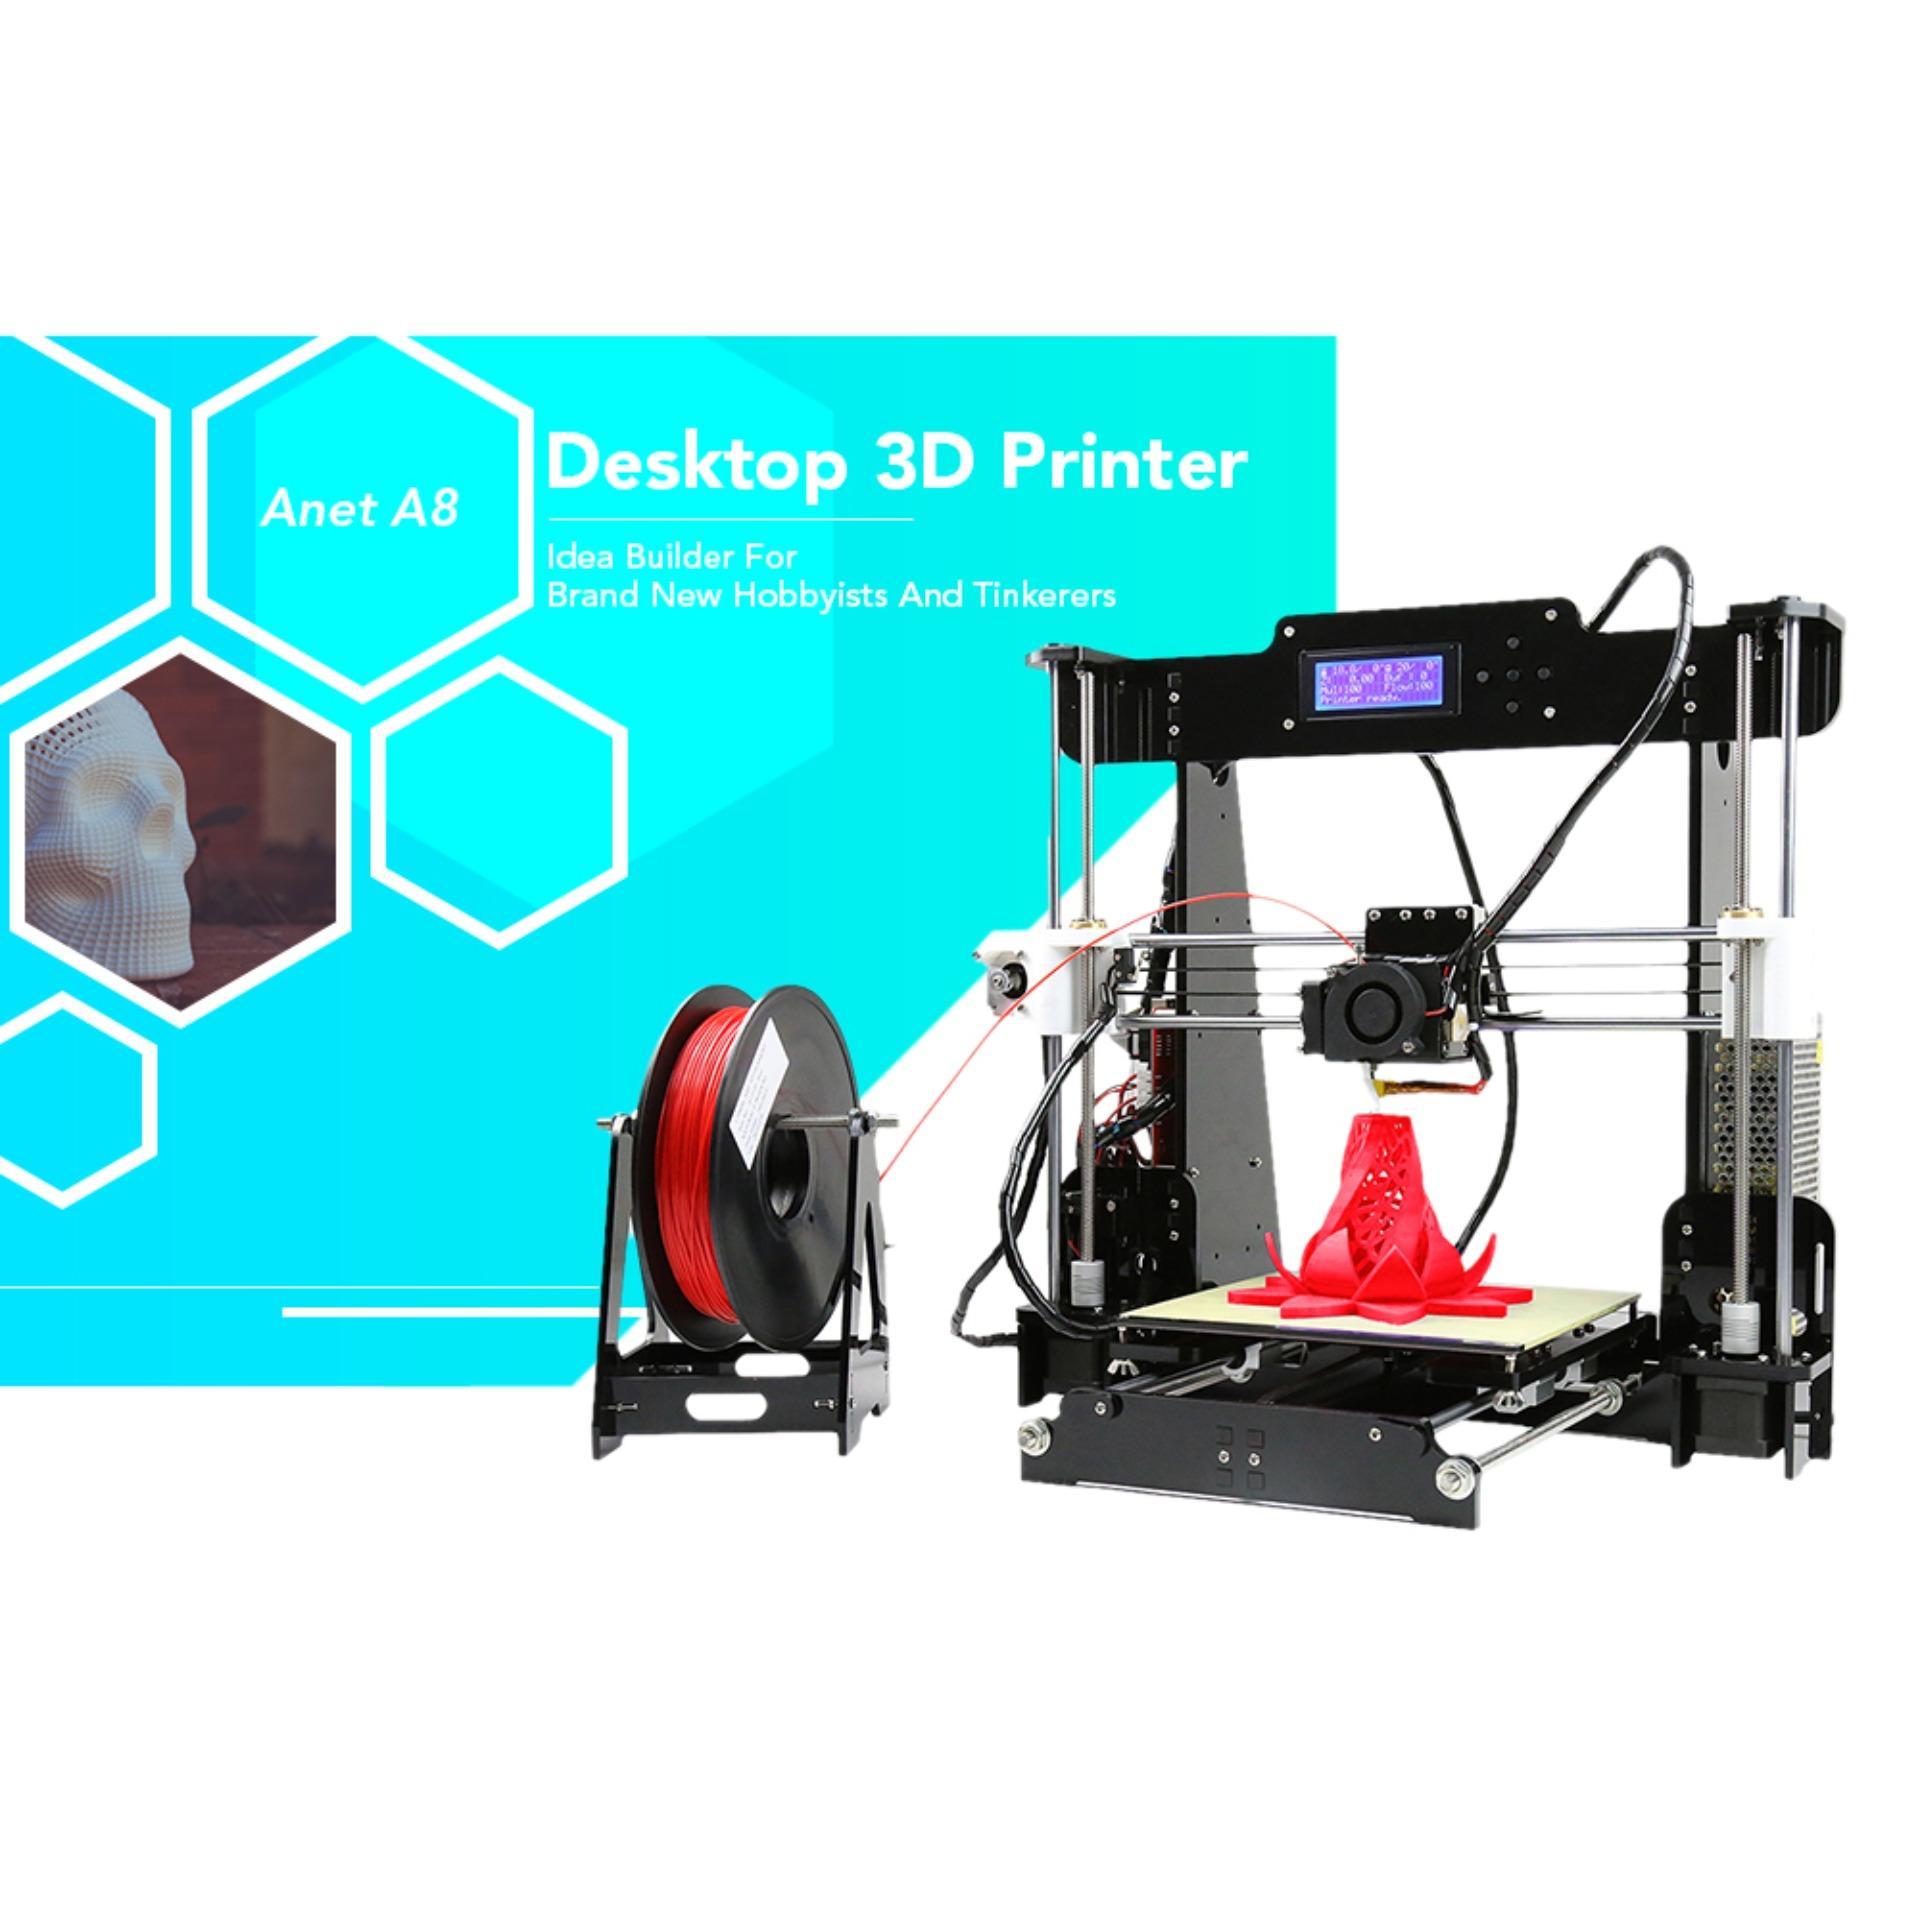 Anet A8 High Accuracy 3D Desktop Printer Prusa I3 DIY Kit(UK PLUG) - intl  Singapore